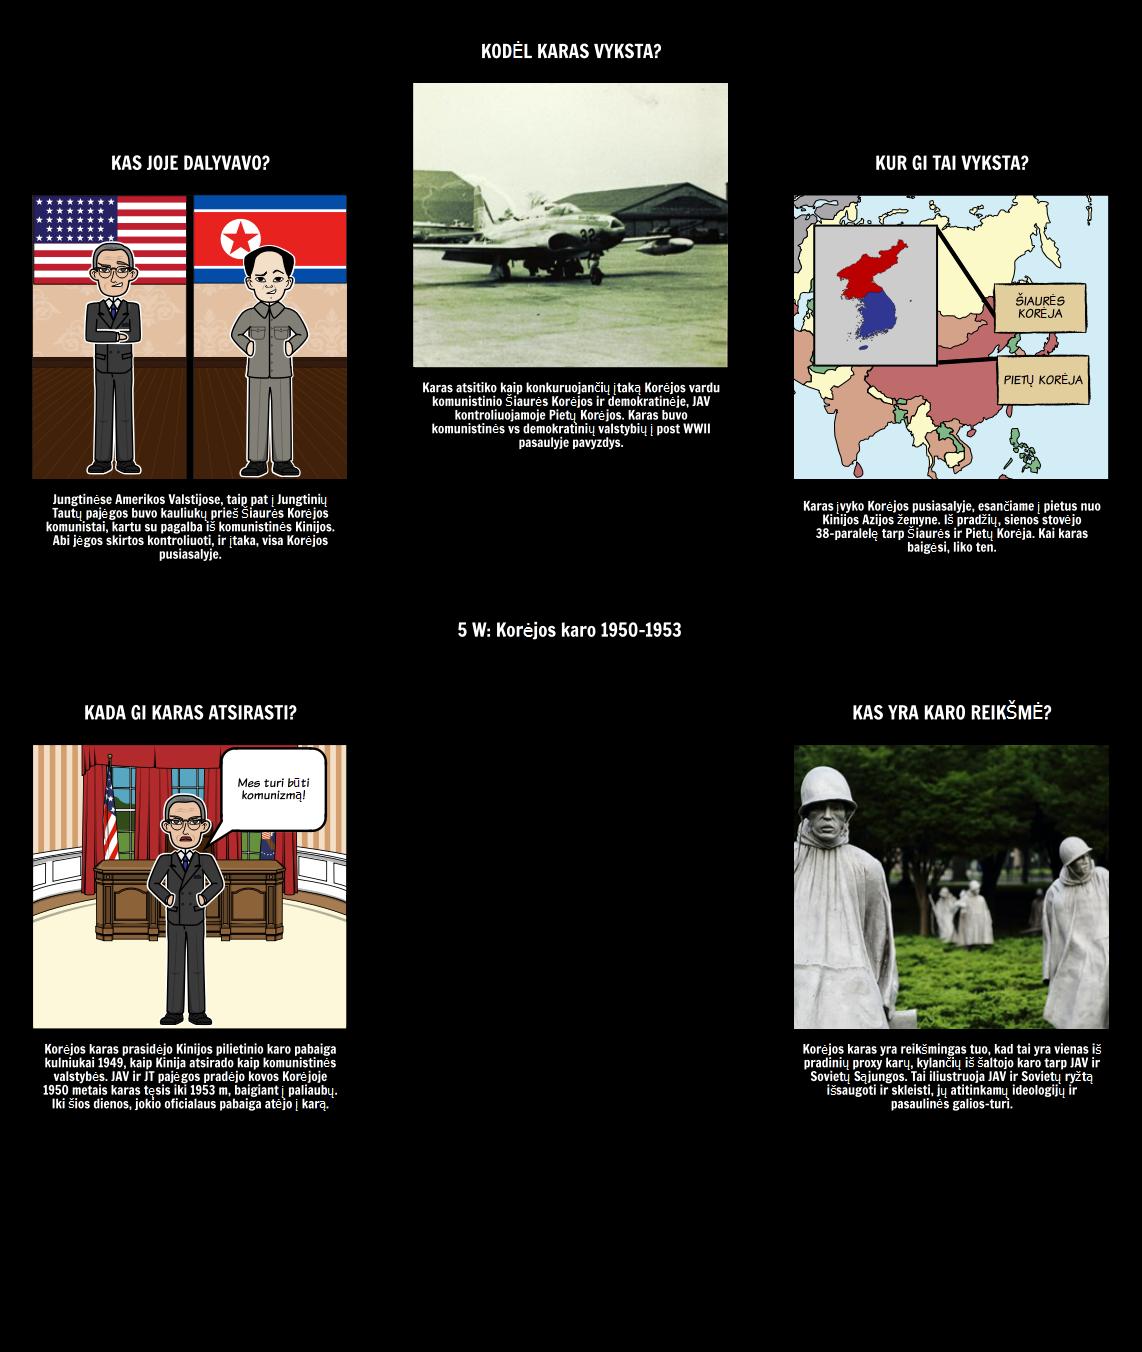 5 Ws - Šaltasis karas - Korėjos karas: 1950-1953